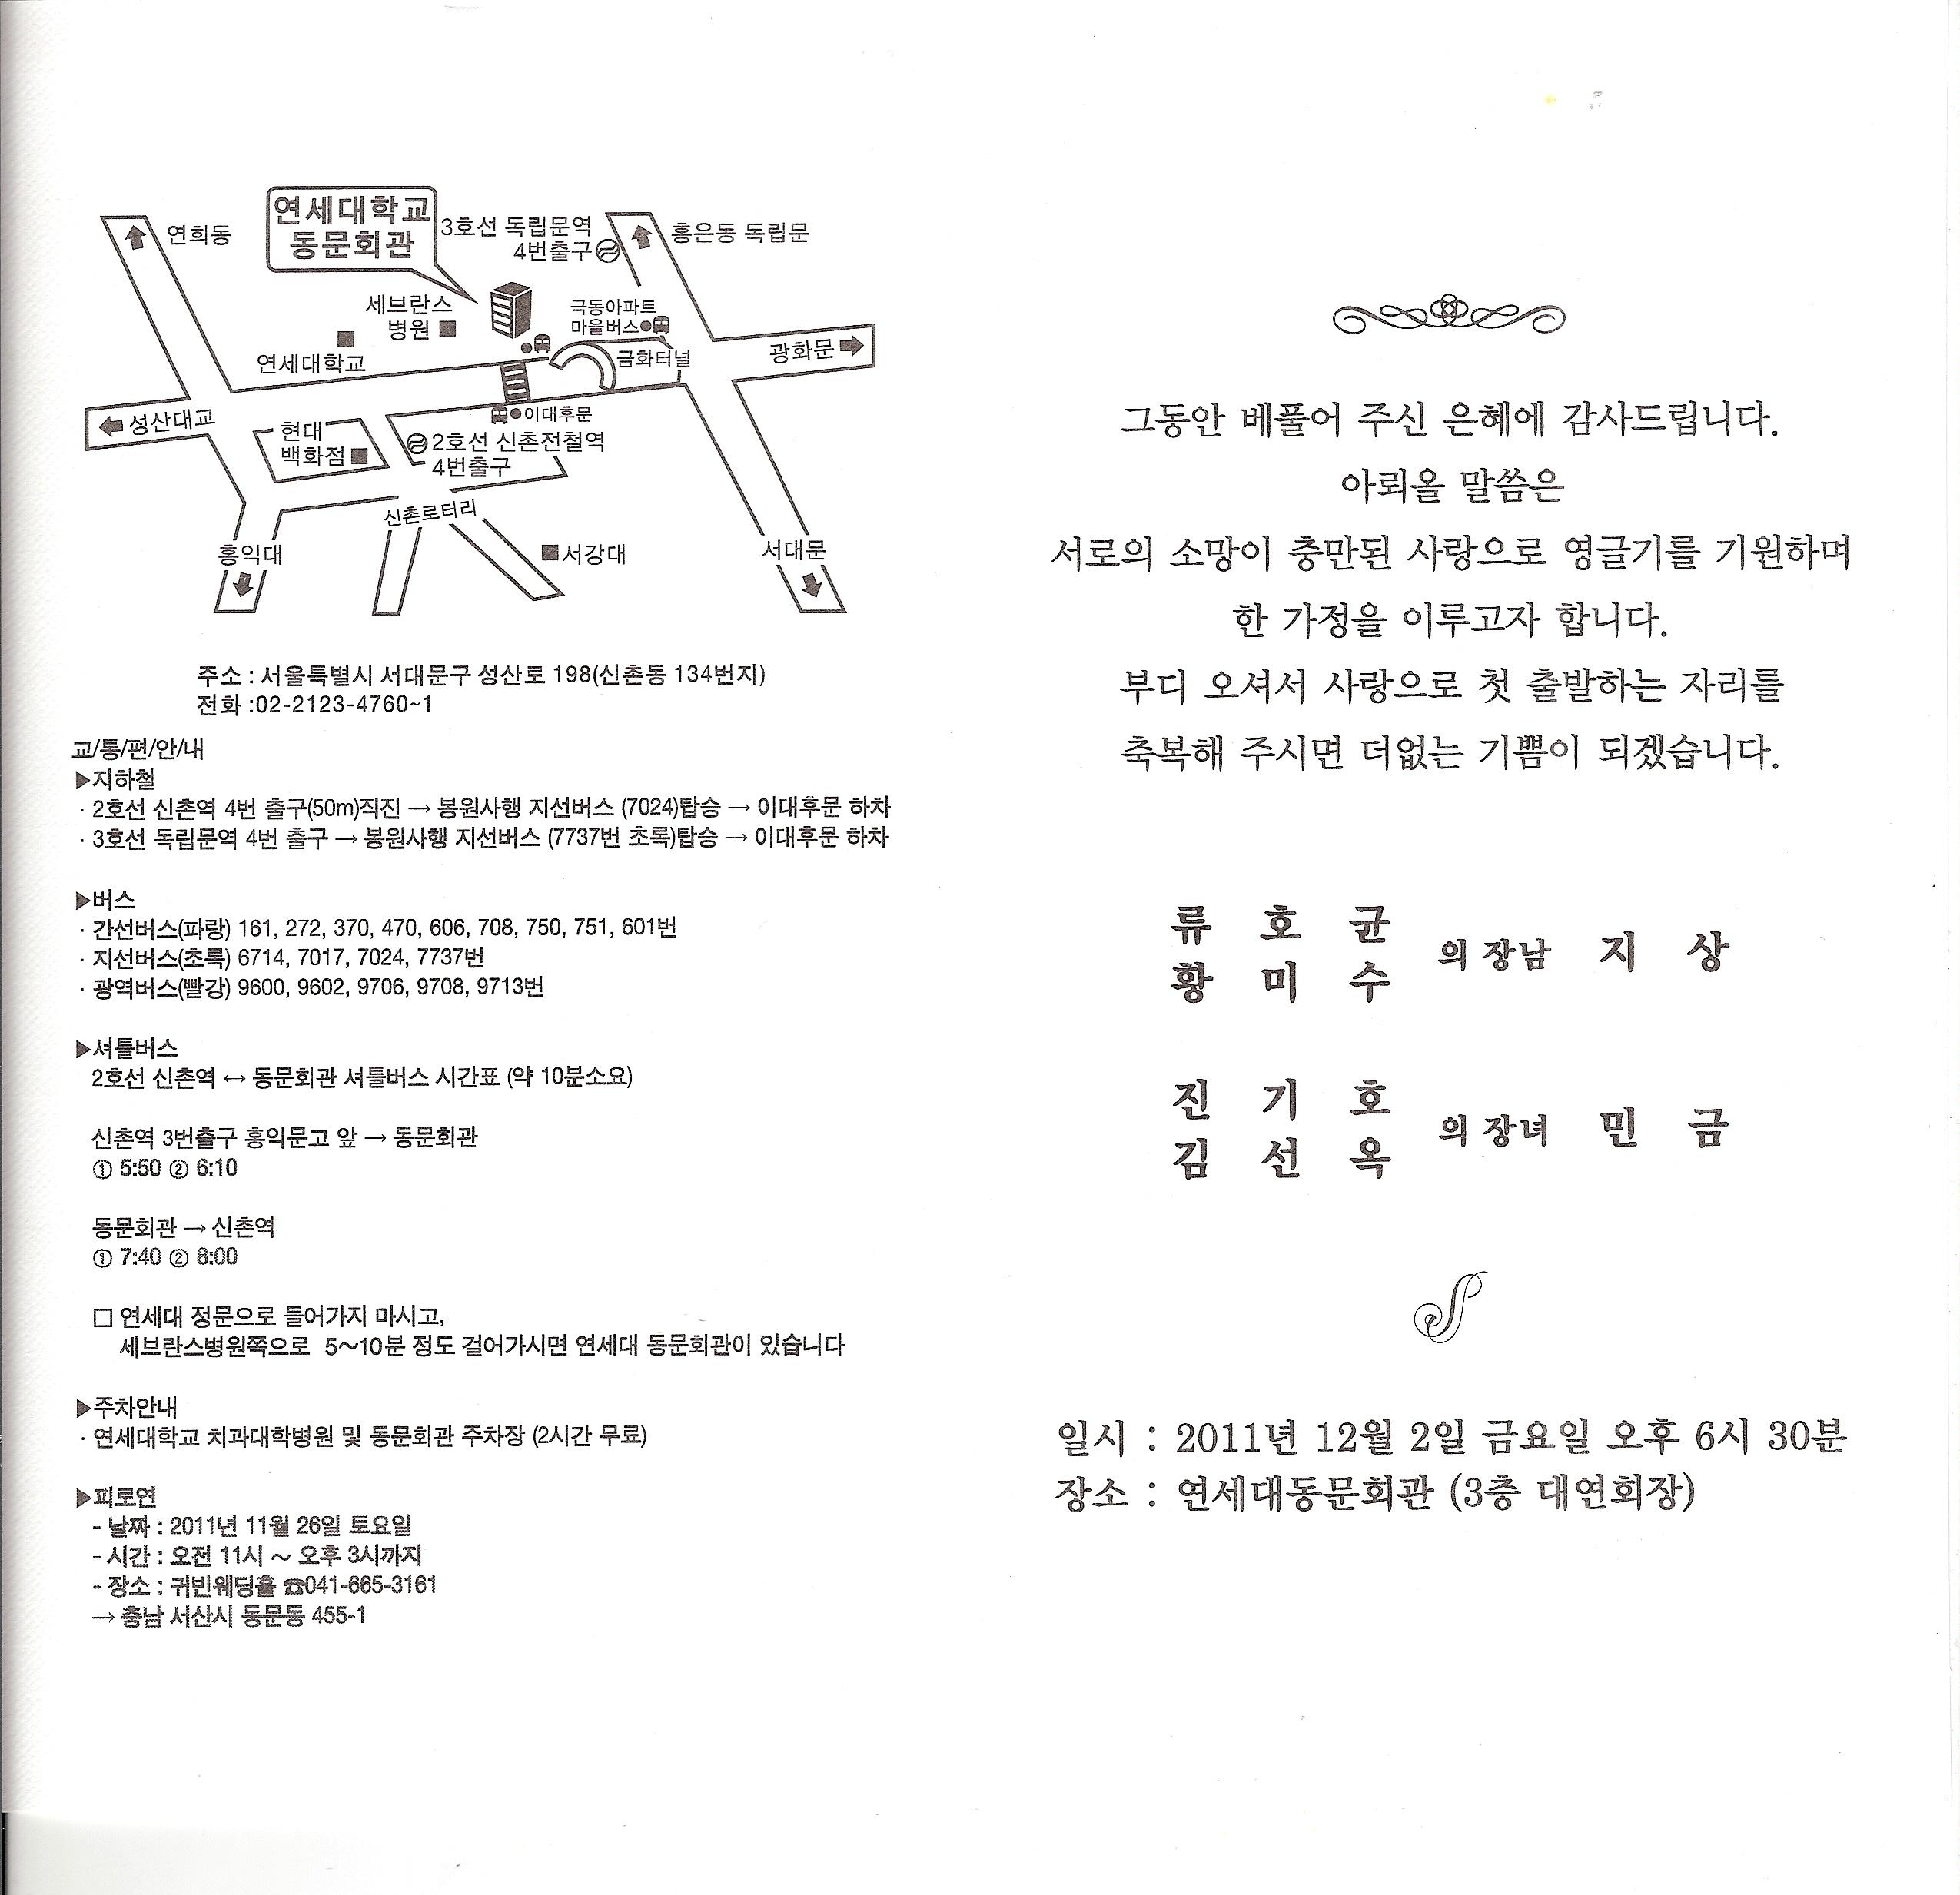 진기호이사님 장녀 결혼 청첩장.jpg